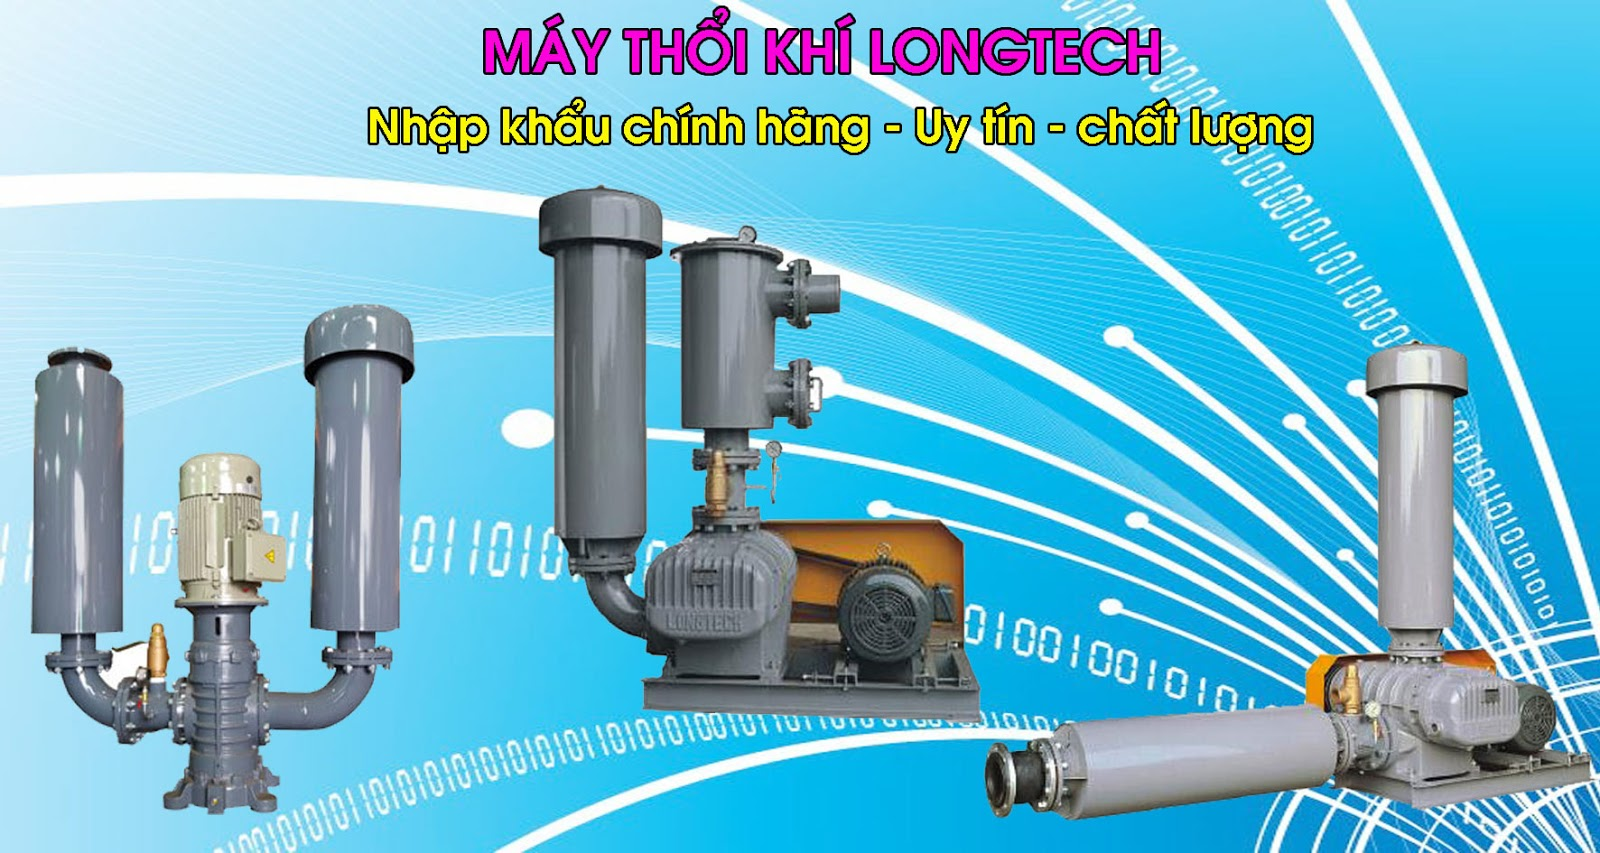 Máy thổi khí longtech chính hãng